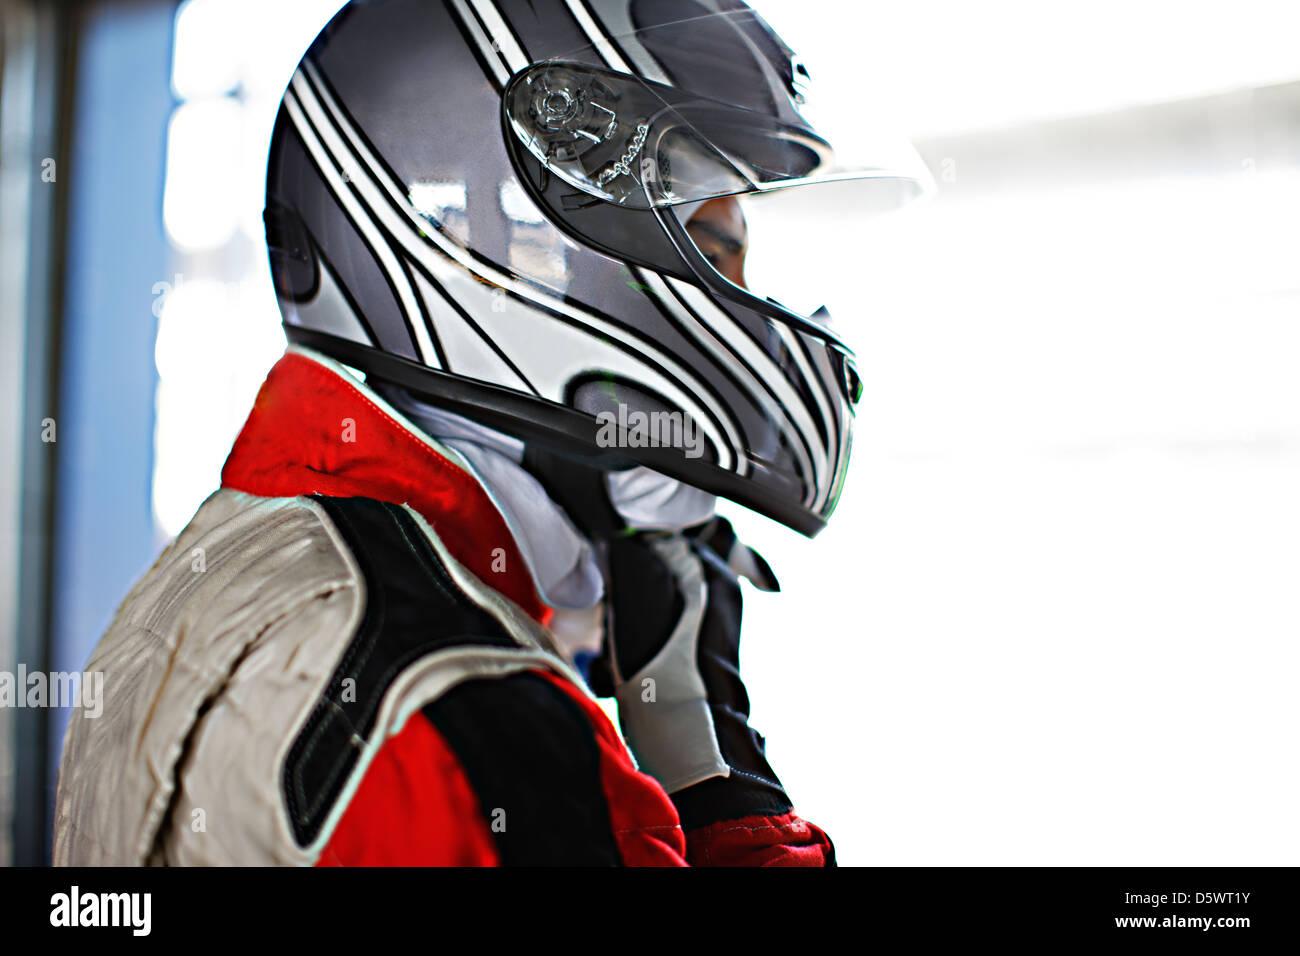 Racer tying on helmet in garage - Stock Image